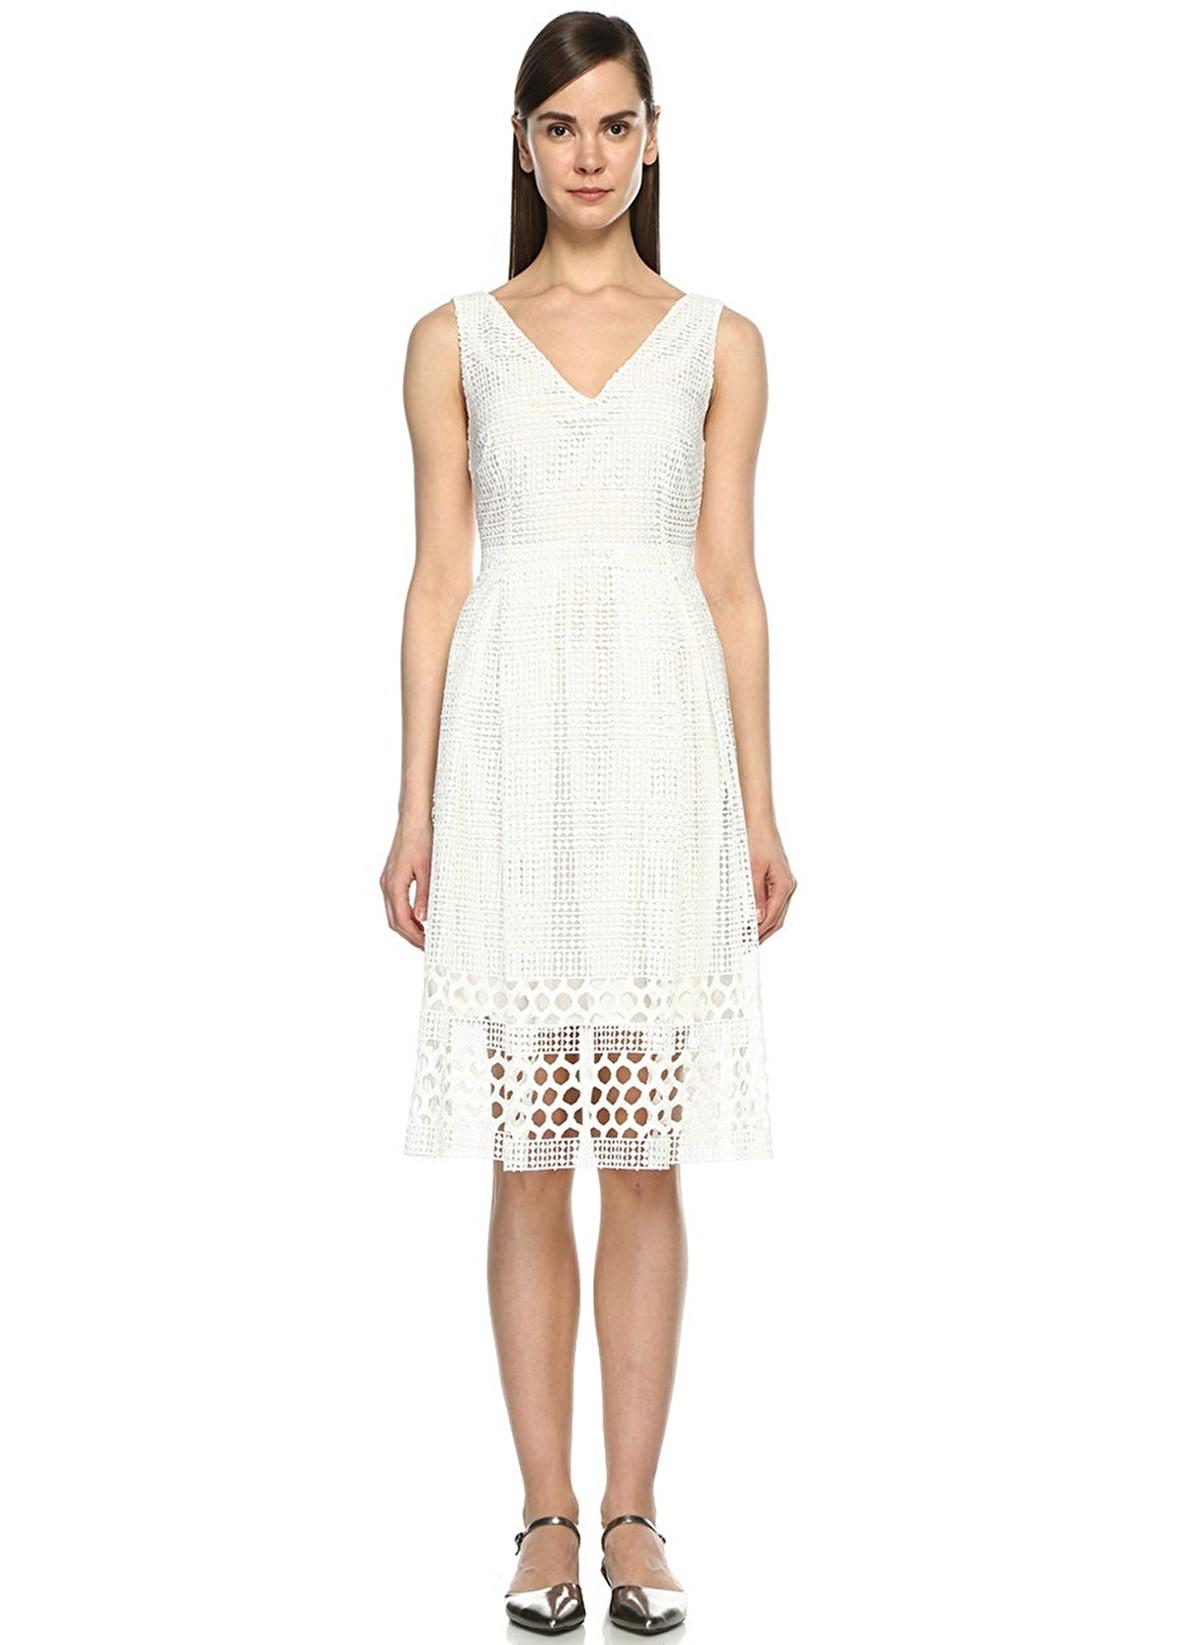 Beymen Club Kadin Abiye Elbise Kirik Beyaz Morhipo 19455102